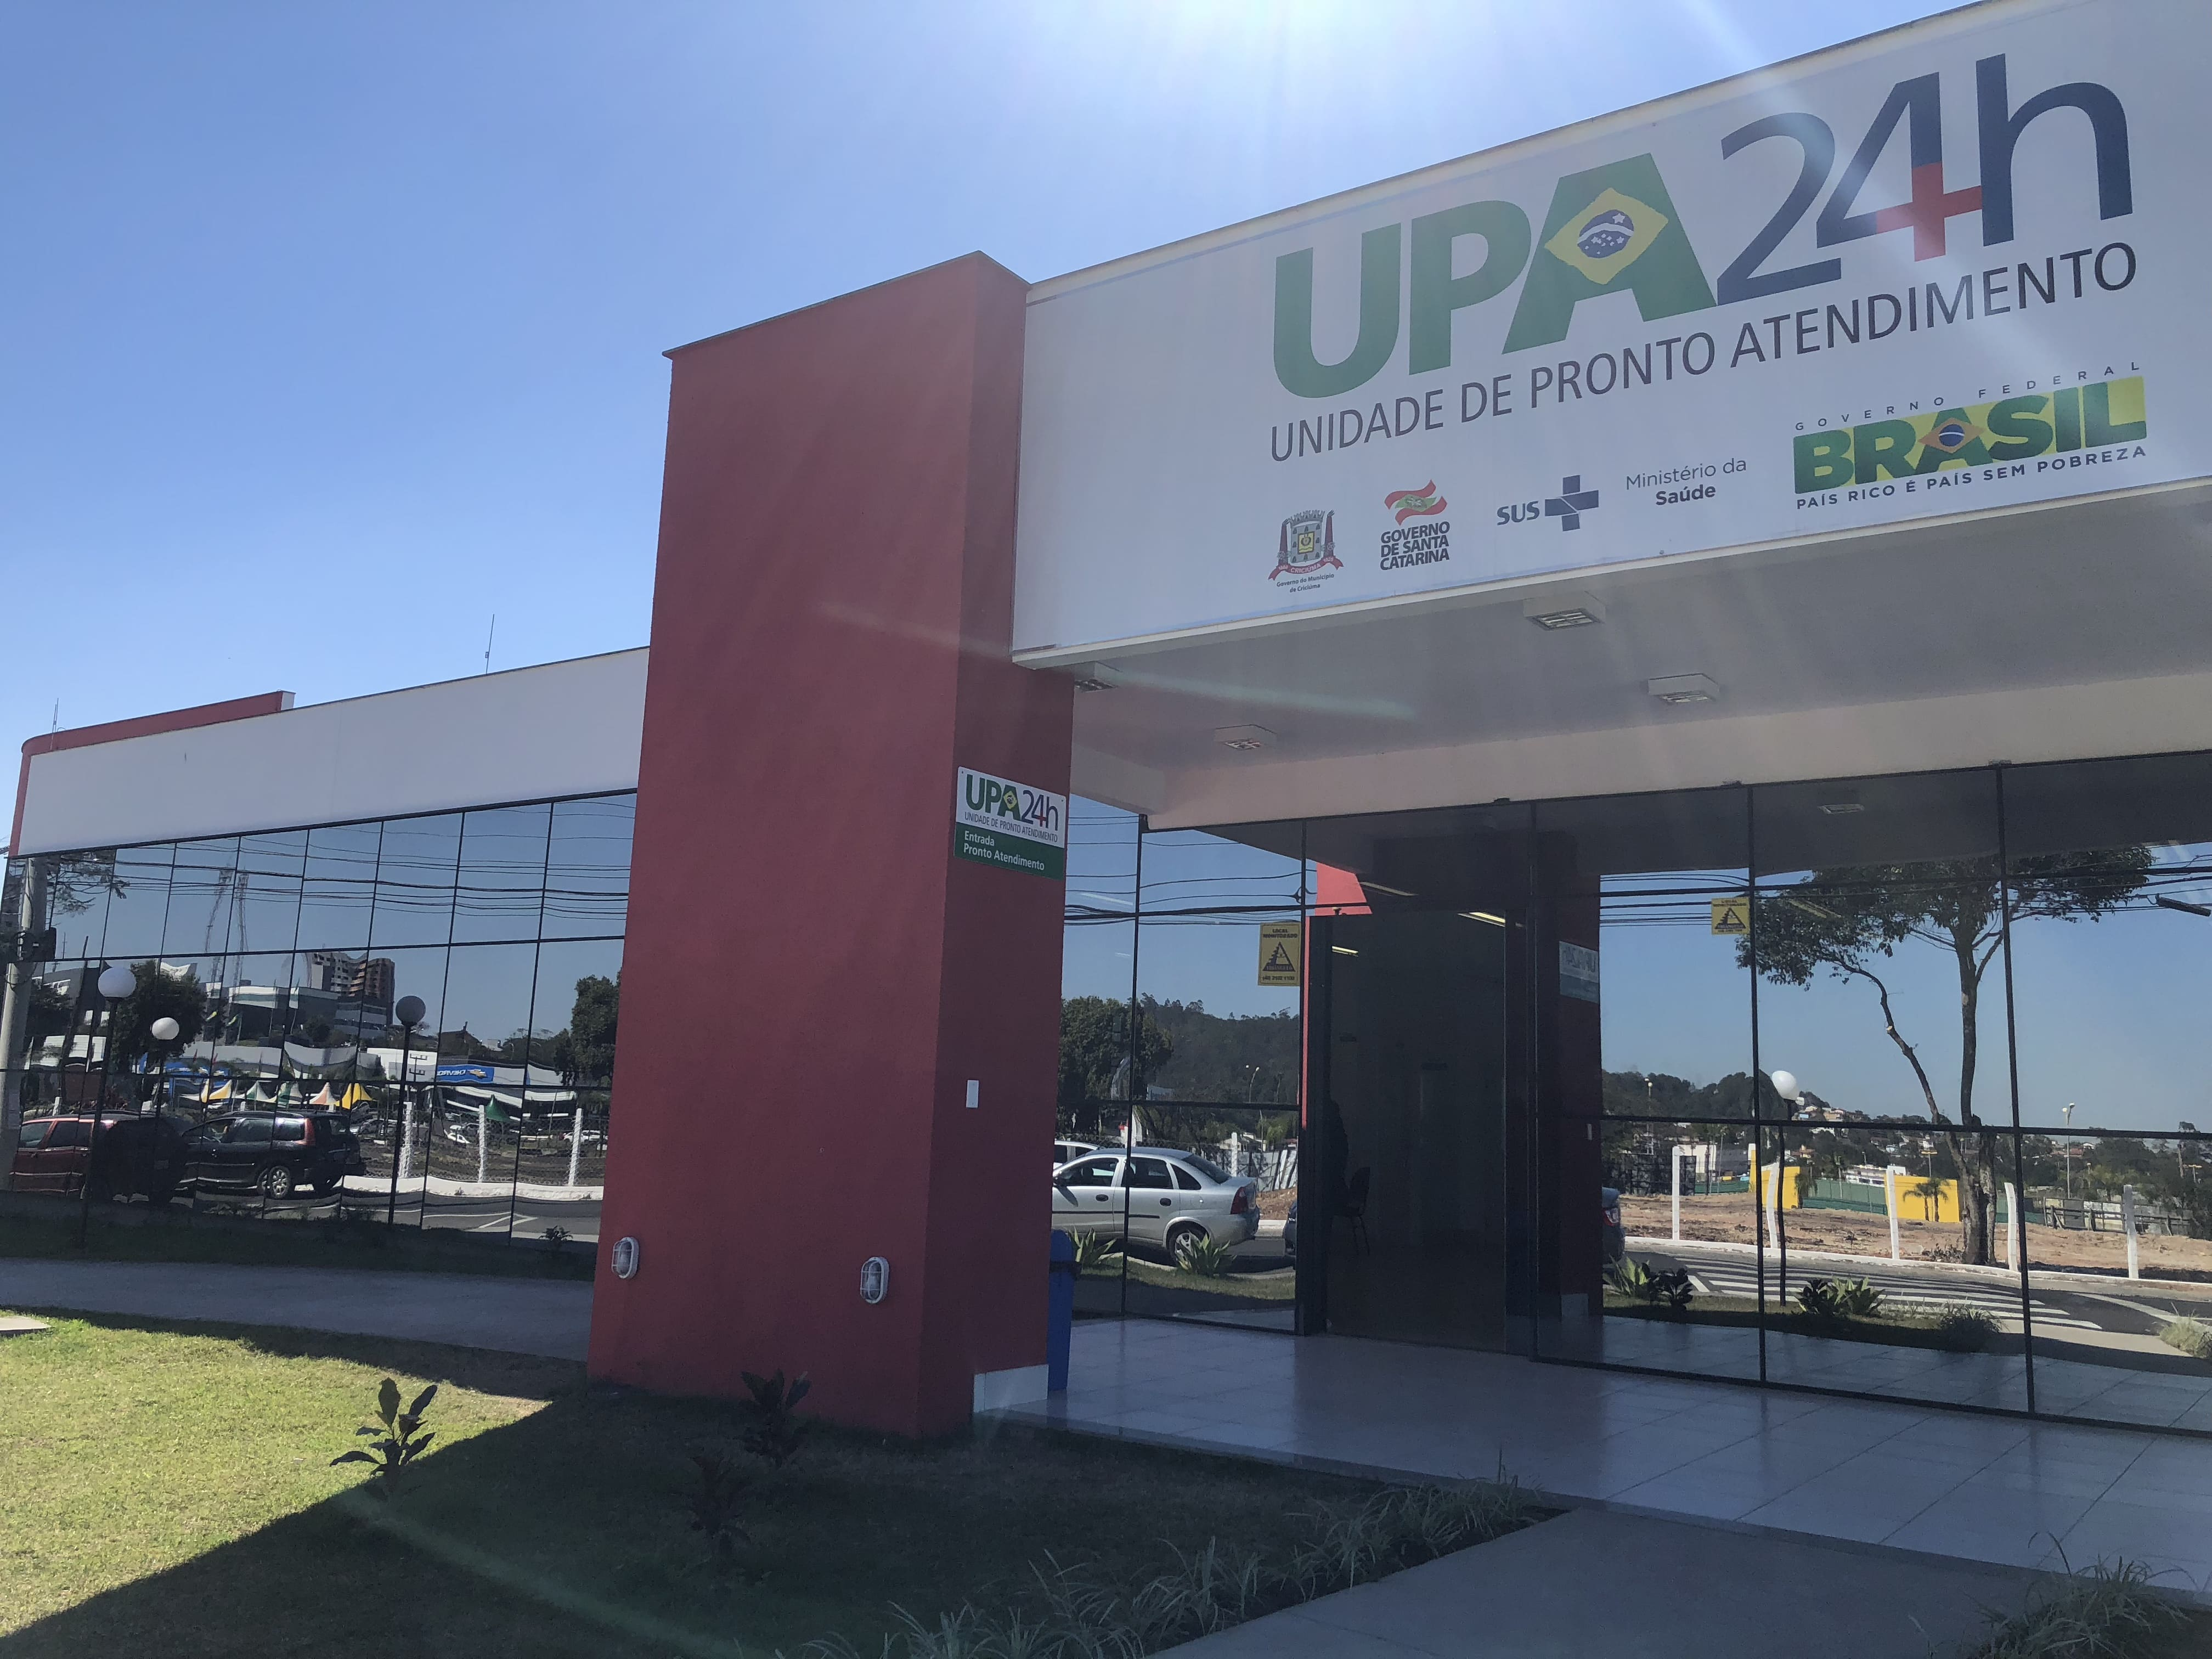 Autorização para transplante de rins no Hospital São José é publicada no Diário Oficial da União